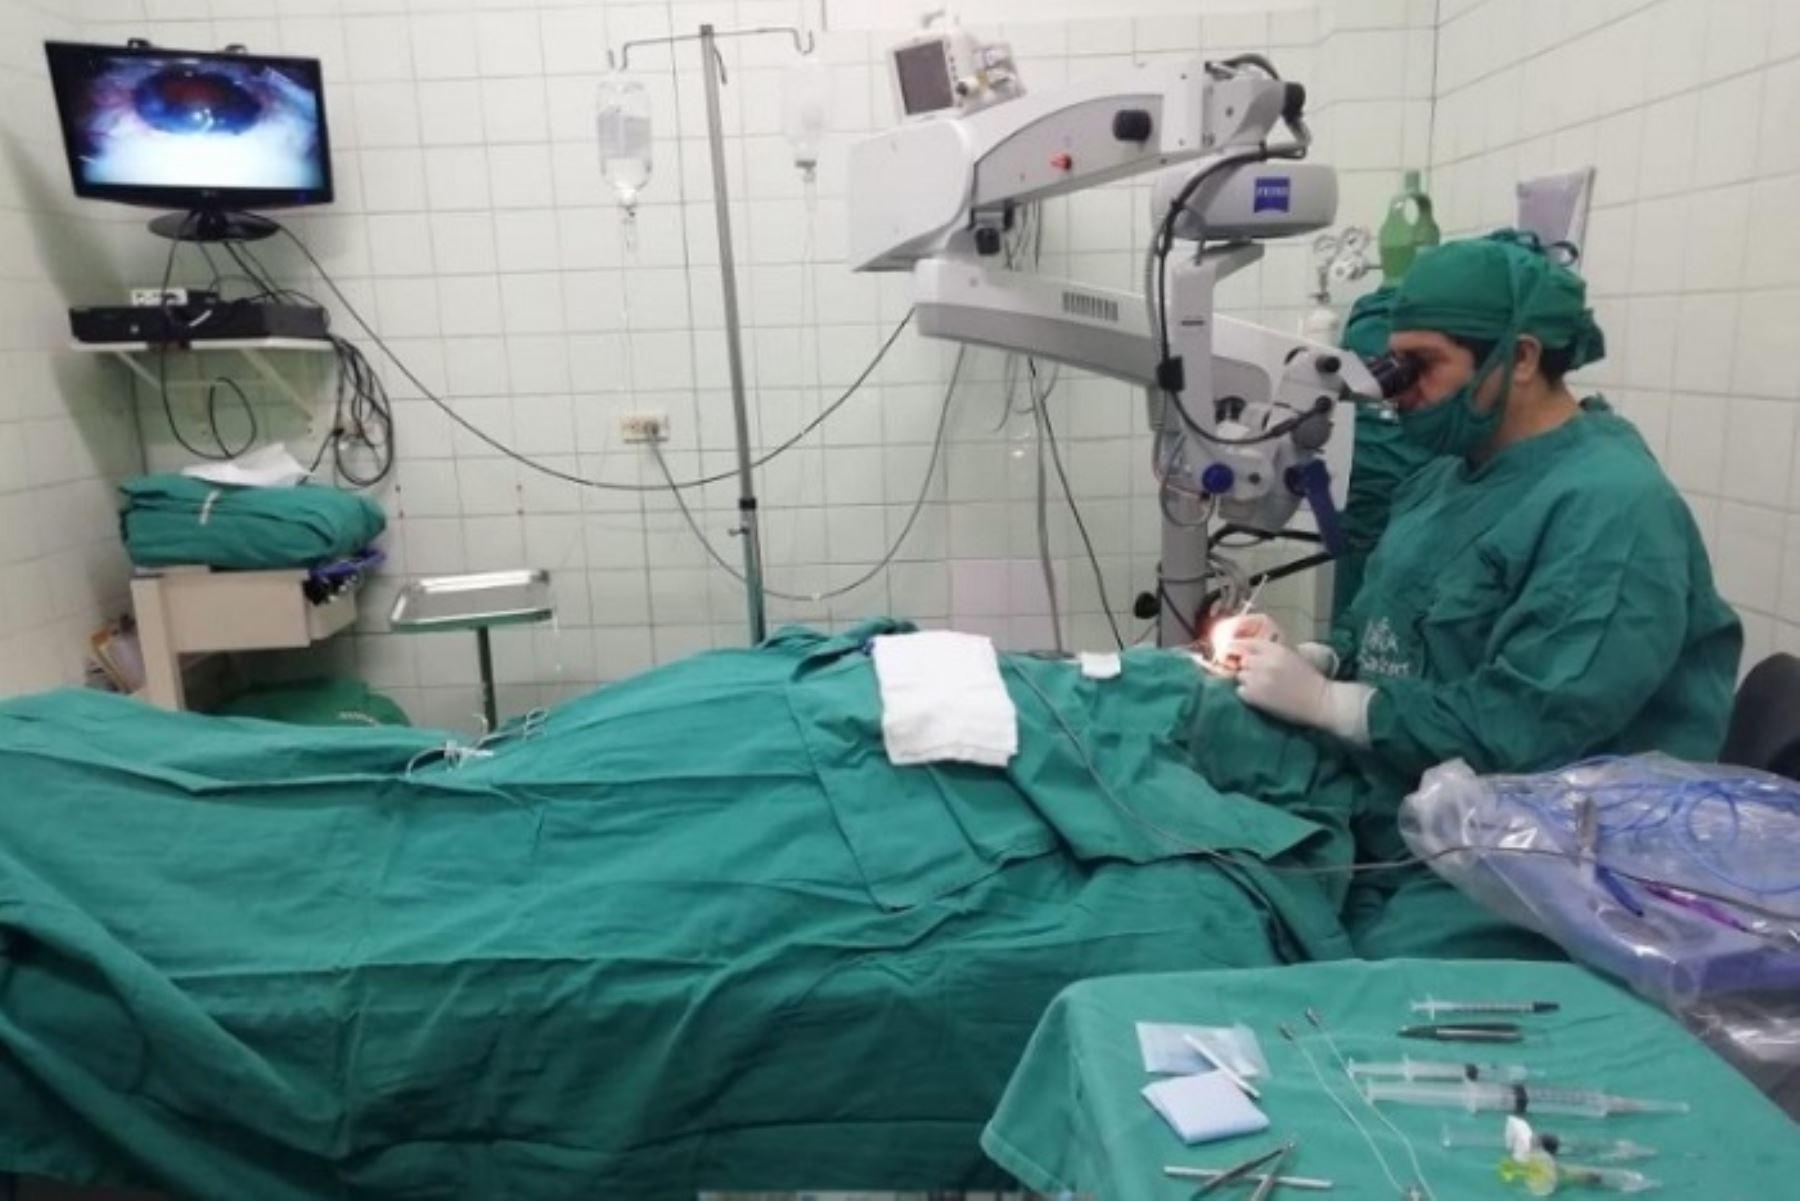 La presidenta ejecutiva de EsSalud, Fiorella Molinelli, destacó que modernos dispositivos fueron adquiridos por la actual gestión para optimizar diagnóstico y tratamiento oportuno de enfermedades.